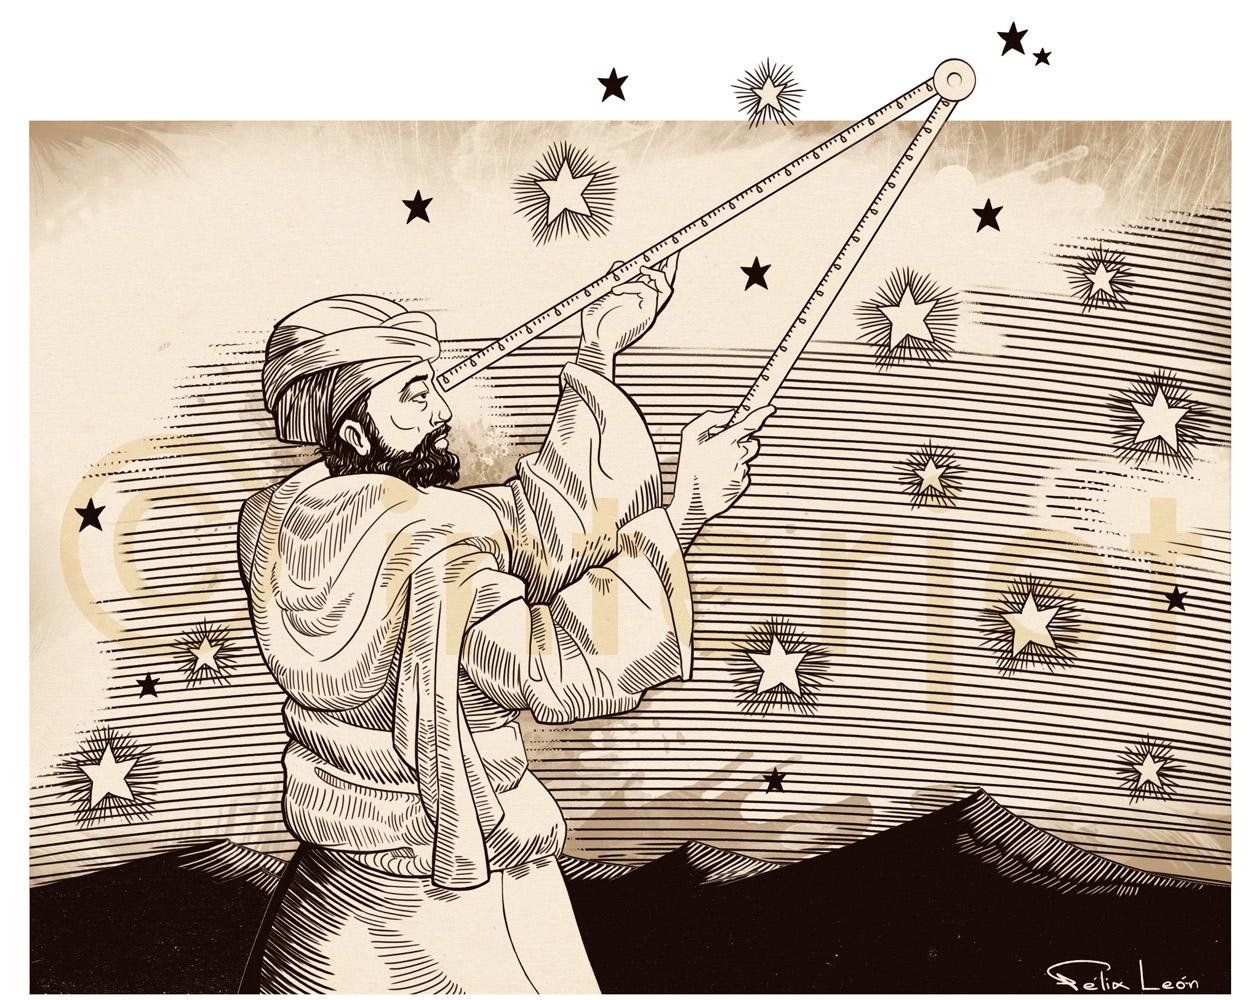 عبد الرحمن الصوفي هو أبو الحسين عبد الرحمن بن عمر الصوفي أحد أشهر الفلكيين والمهندسين المسلمين من الفرس عالم فلك مسلم من ال Sufi Constellations Humanoid Sketch